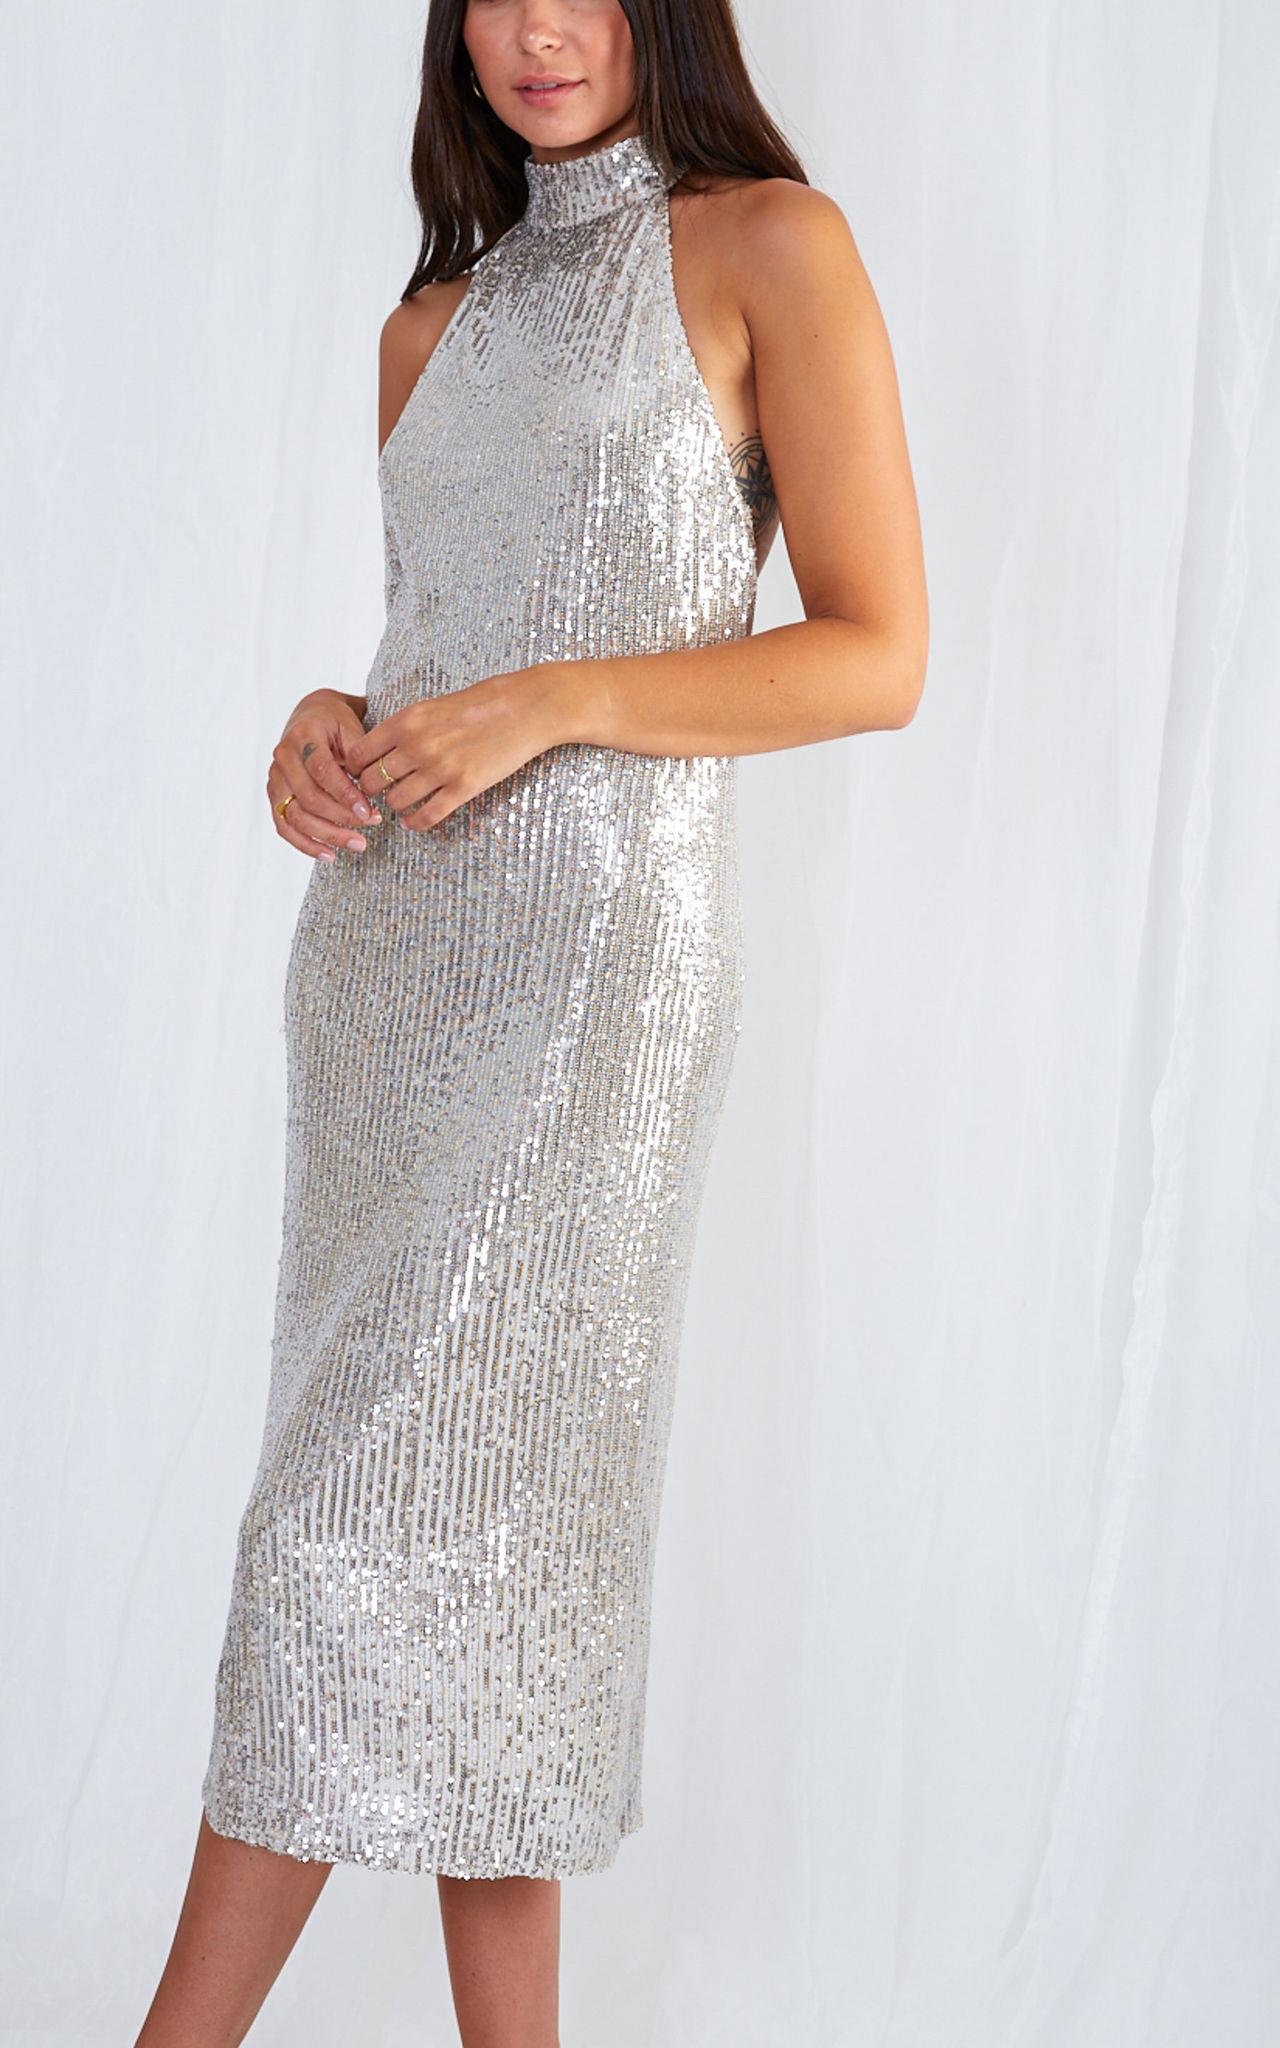 Sequin halter neck dress